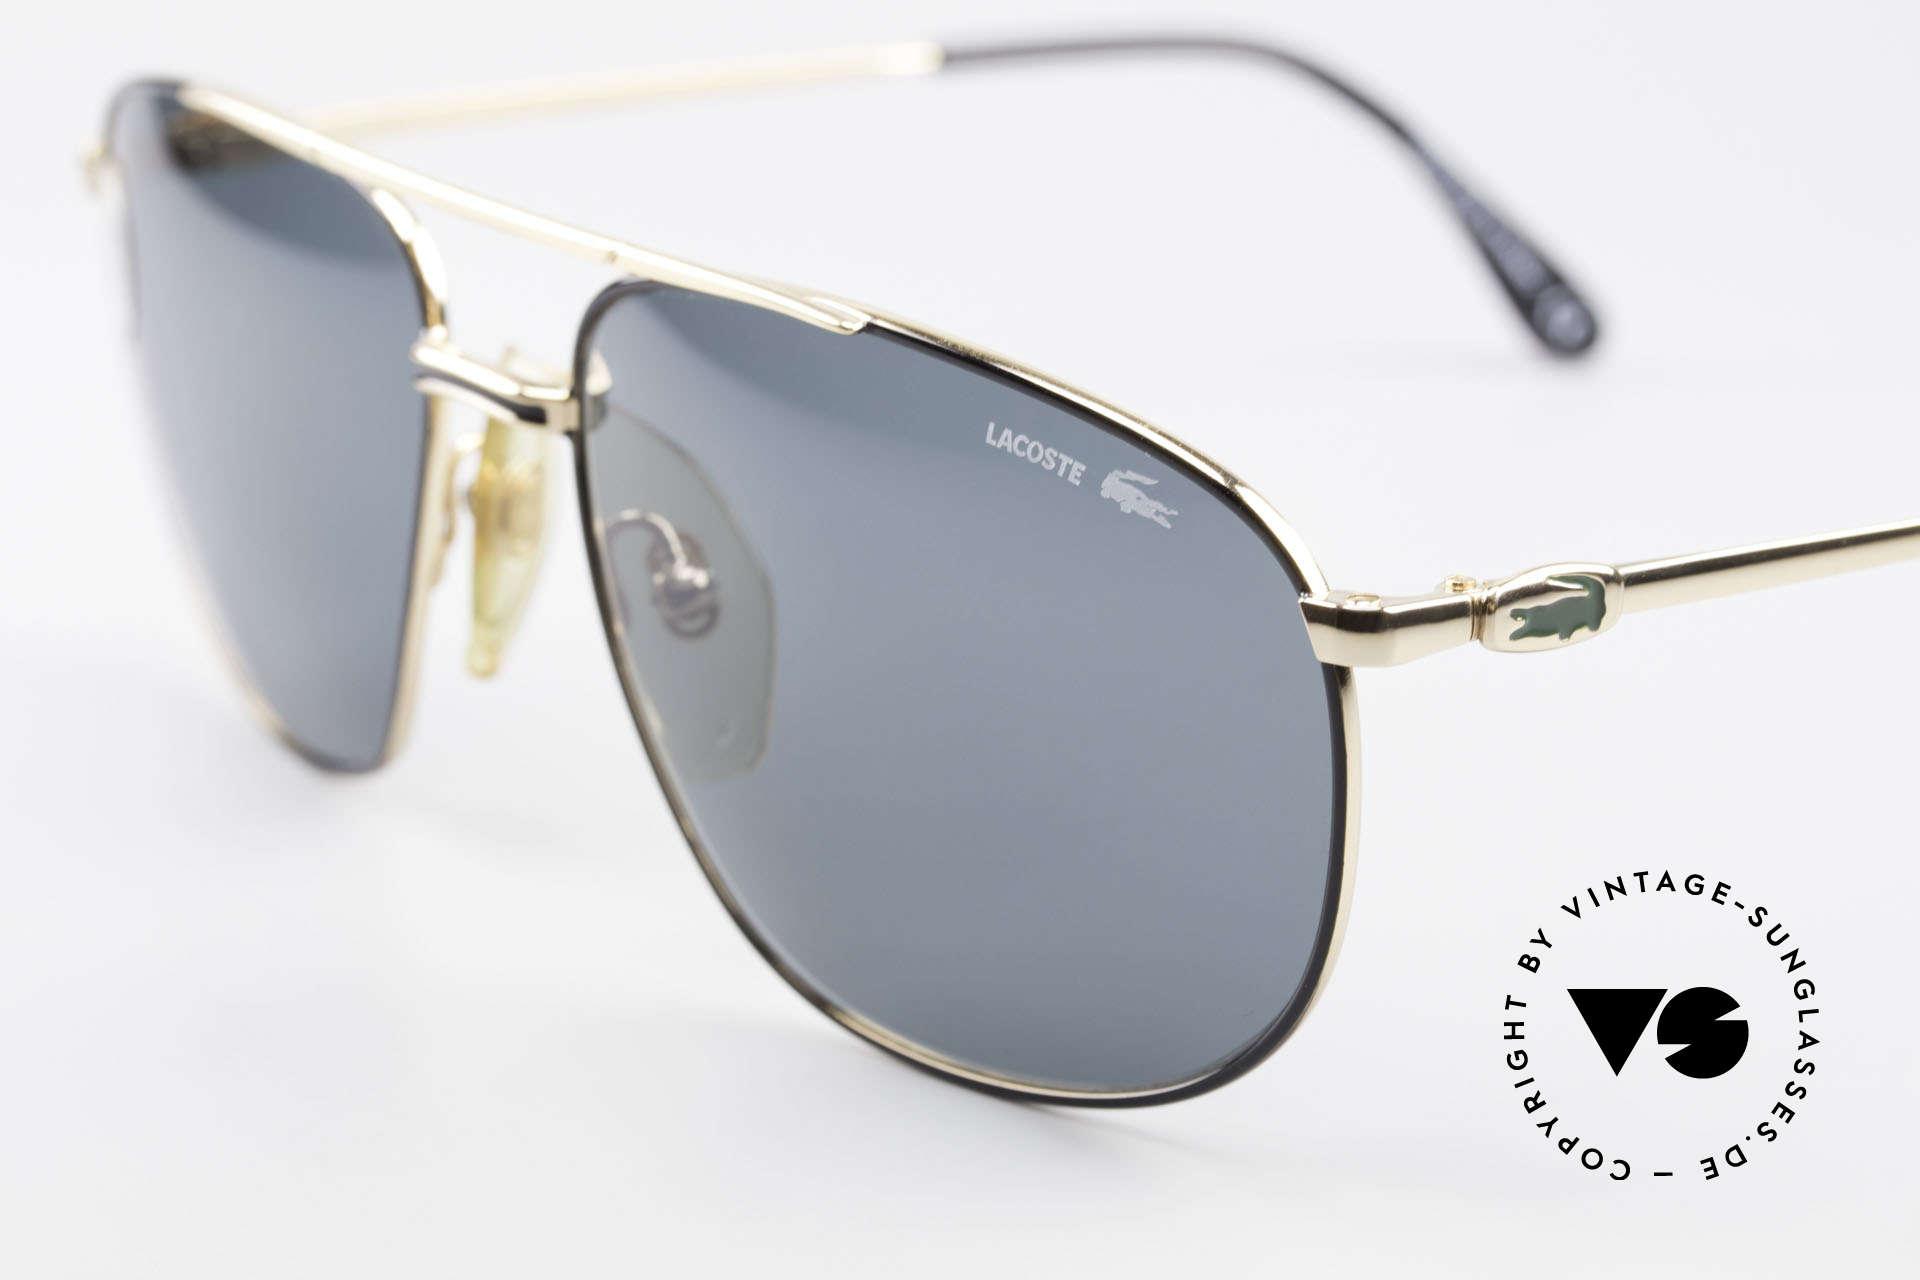 Lacoste 121 XL Sport Sonnenbrille Herren, Lacoste Sonnengläser für 100% UV Protection, Passend für Herren